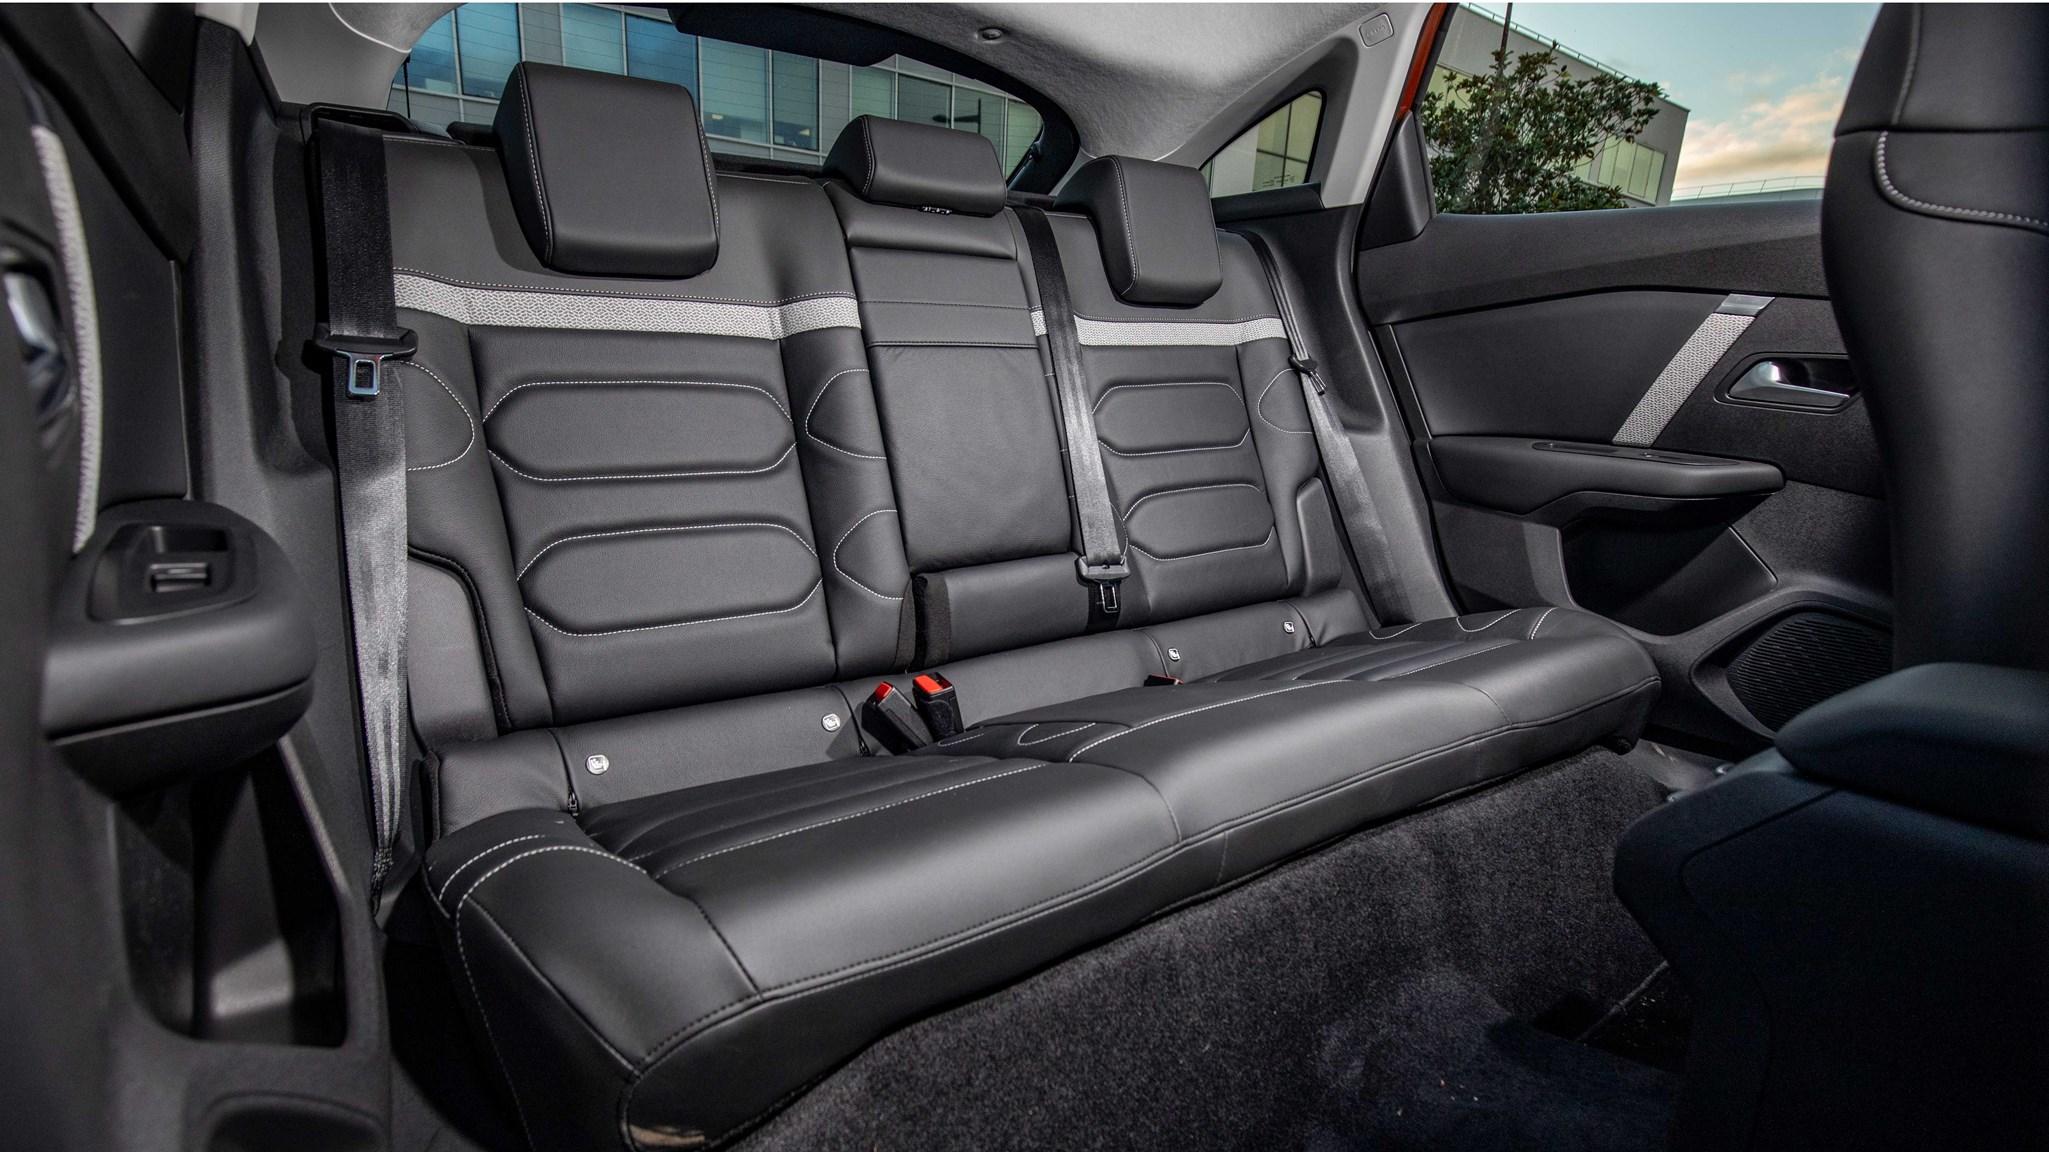 2021 Citroen C4 rear seats